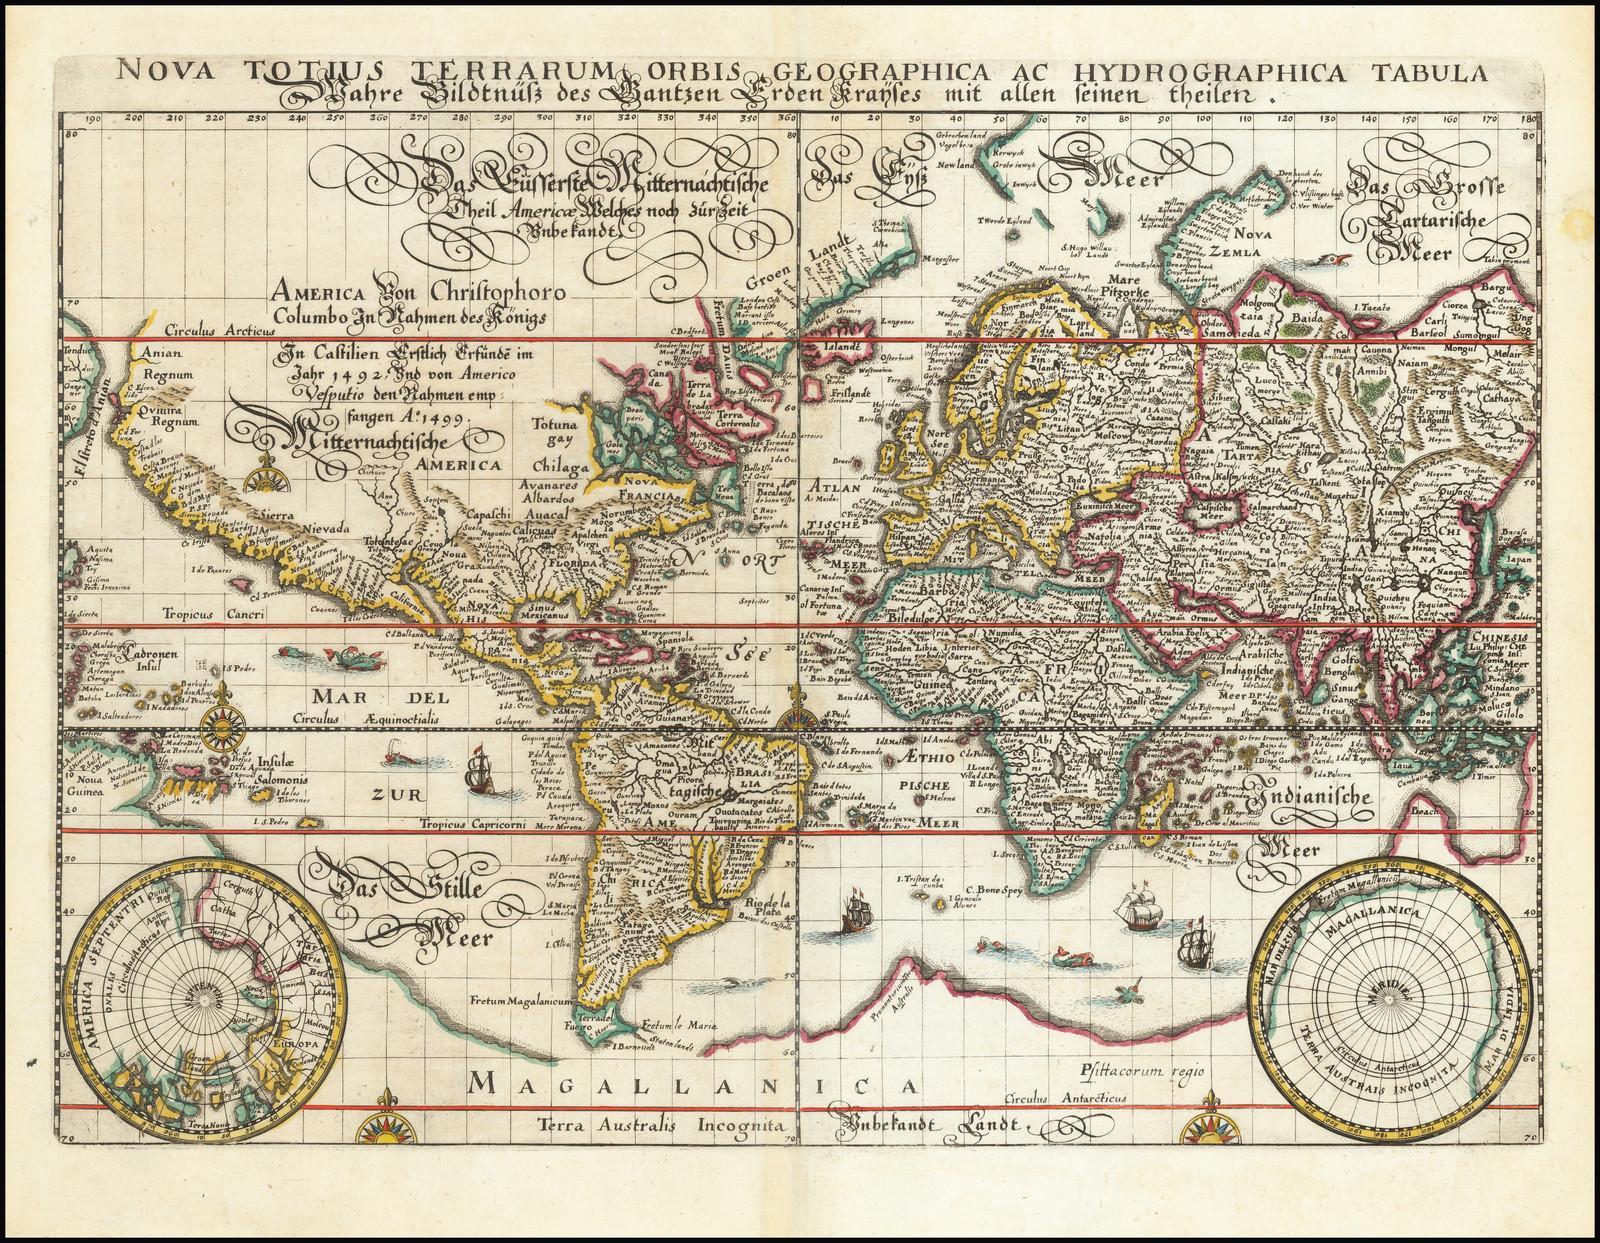 Издание Маттауса Мериана знаменитой карты мира Блау в проекции Меркатора